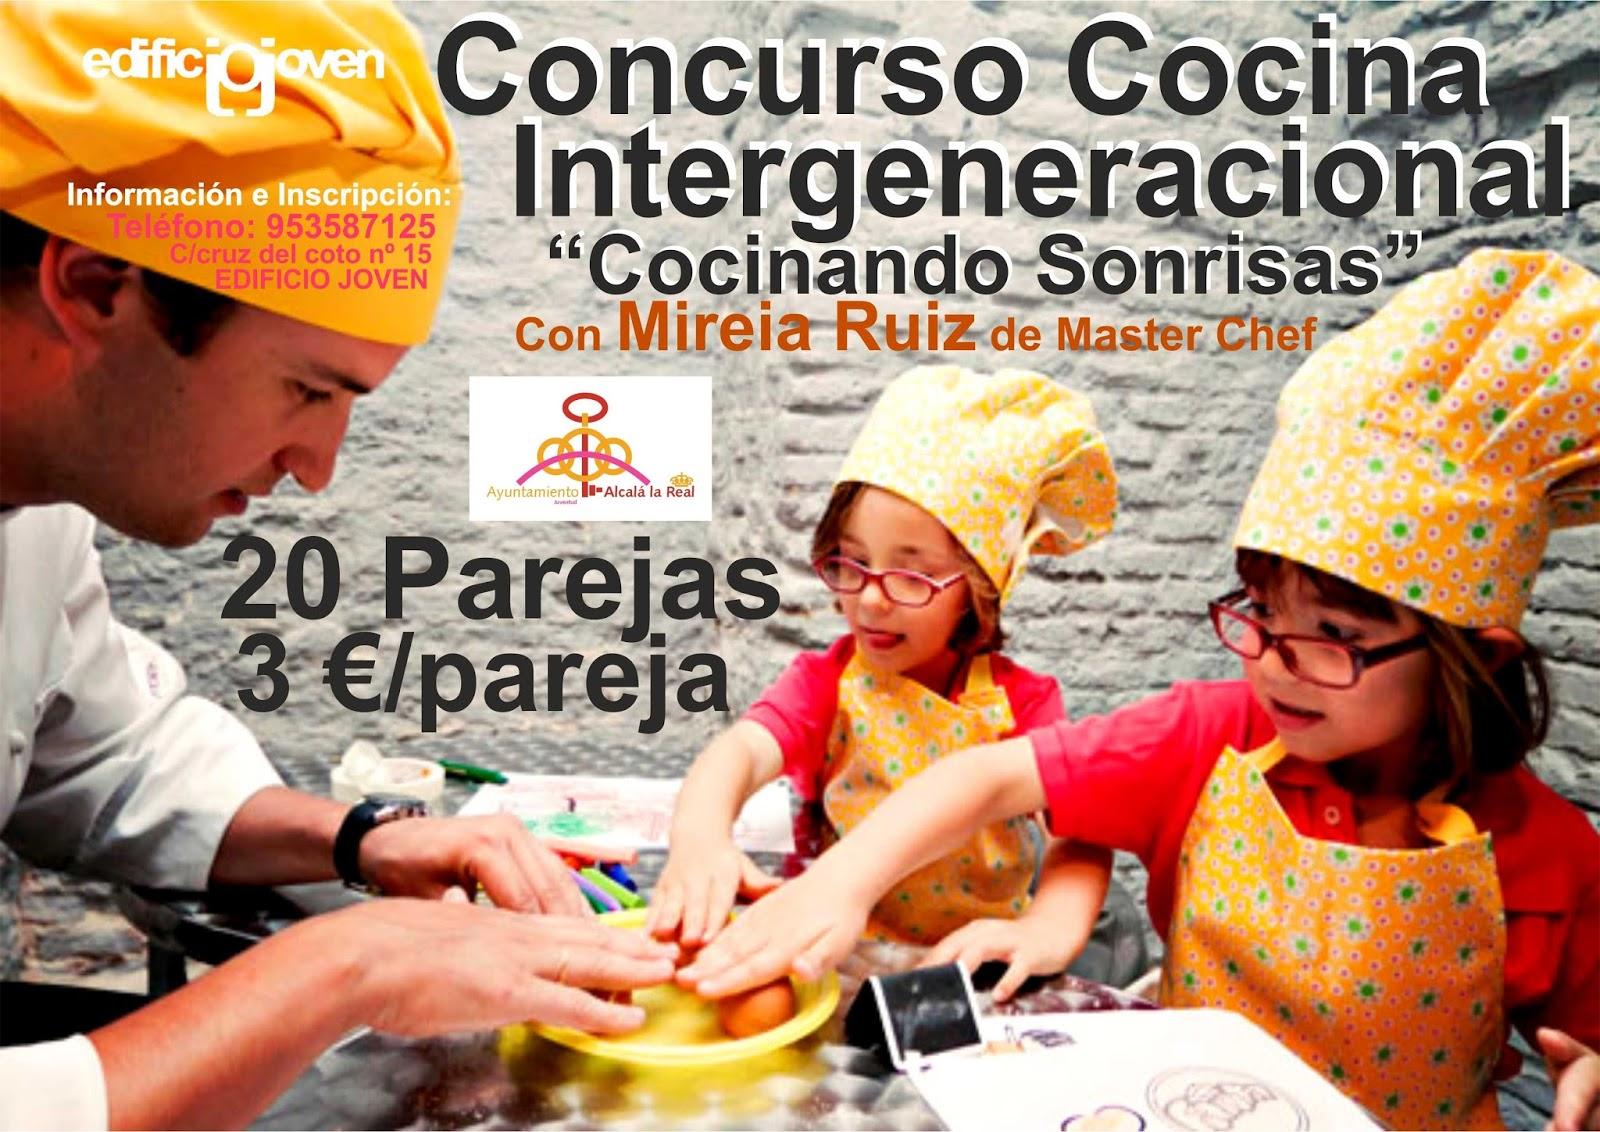 Rea de juventud alcal la real concurso de cocina - Concurso de cocina ...